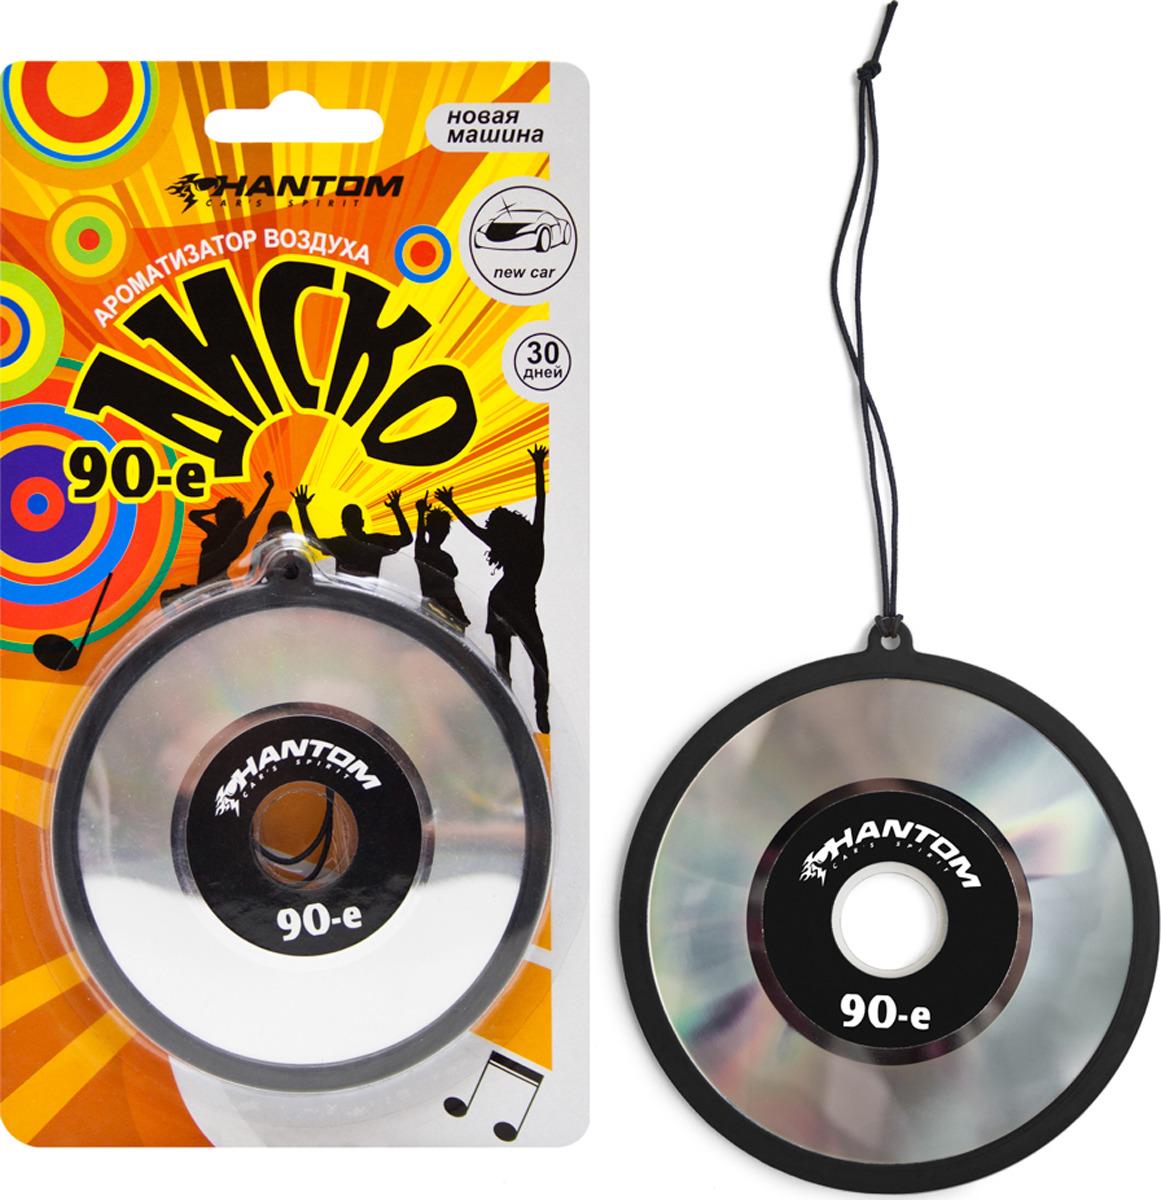 Ароматизатор подвесной Phantom Disco Новая машина, PH3670 ароматизатор phantom stereo новая машина